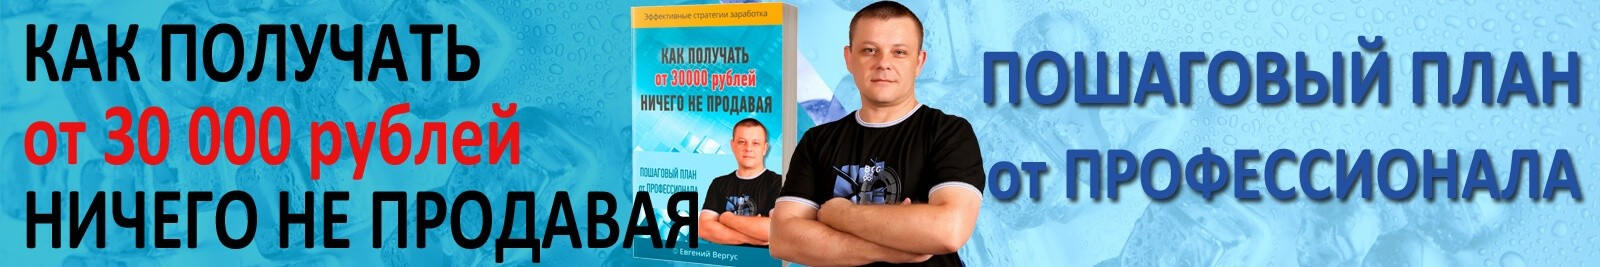 Как получить 30 000 рублей ничего не продавая